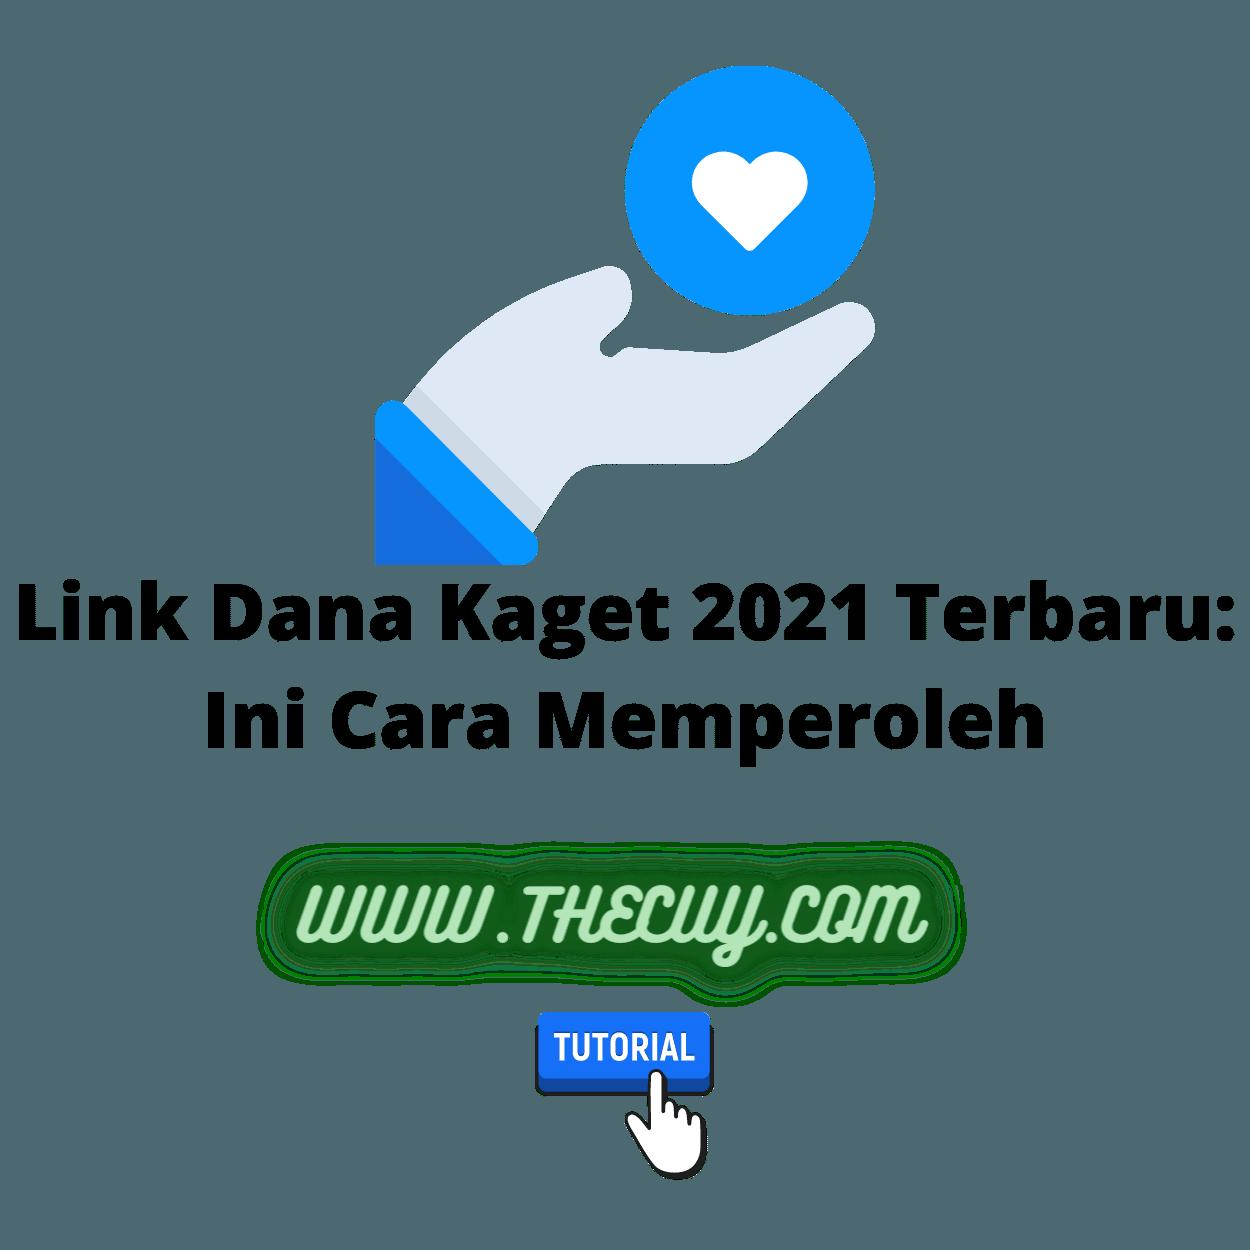 Link Dana Kaget 2021 Terbaru: Ini Cara Memperoleh